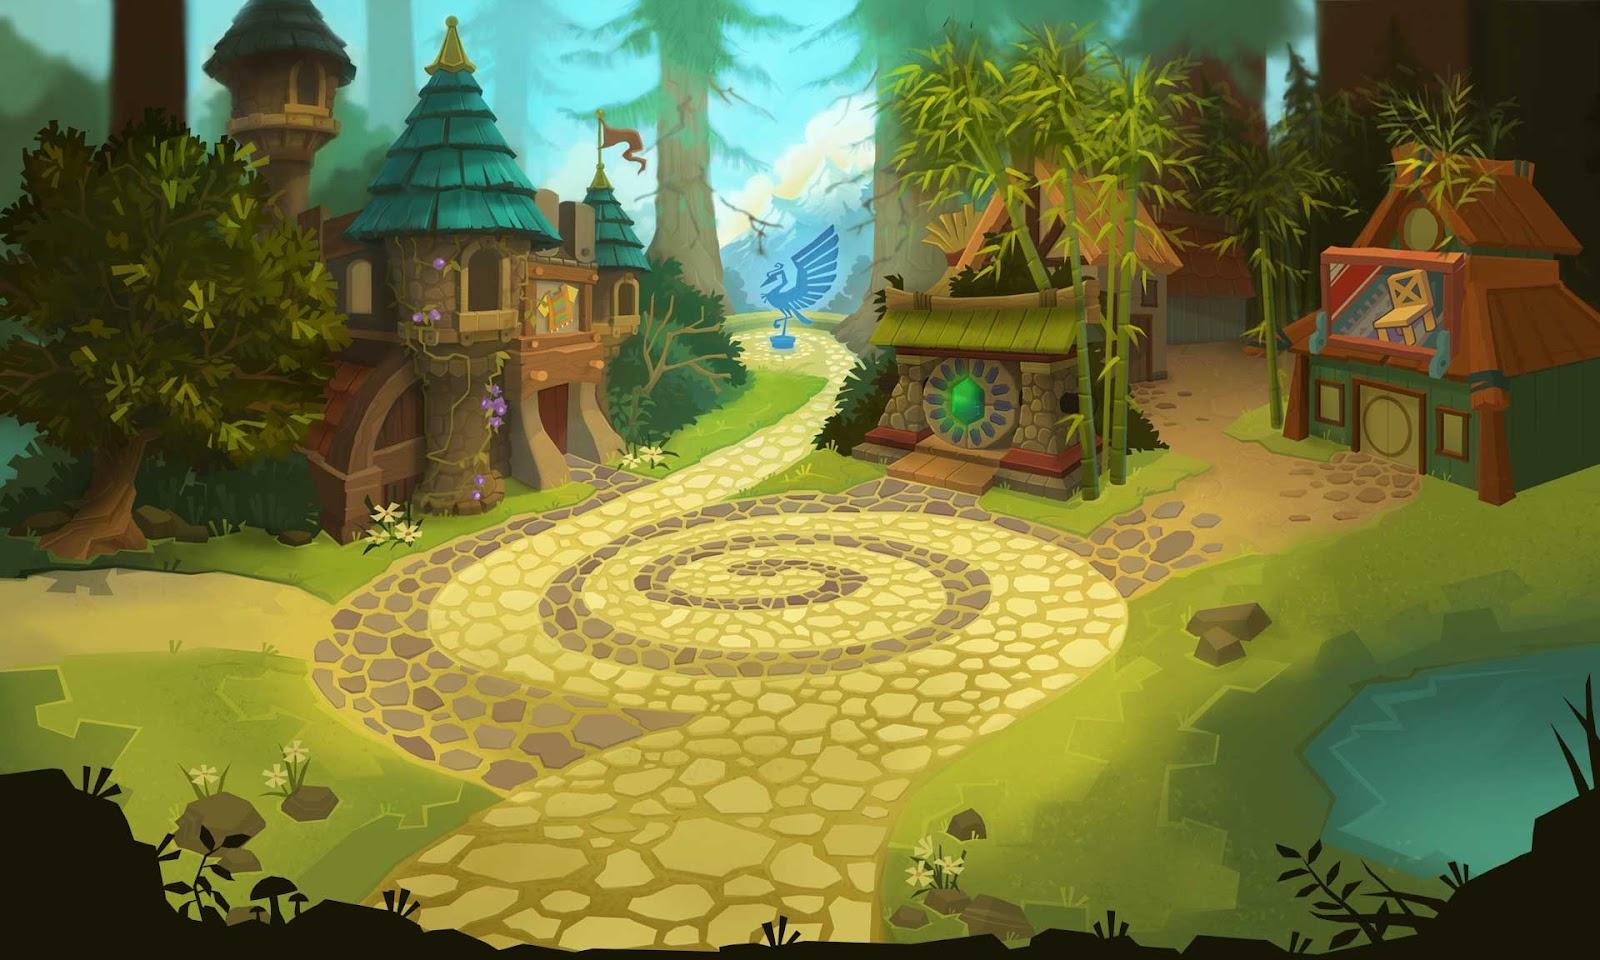 http://4.bp.blogspot.com/-utjvV8Jmikc/T-0_VGMukYI/AAAAAAAAInQ/fj7tuBUb0dA/s1600/bg_brick_road_wolf.jpg